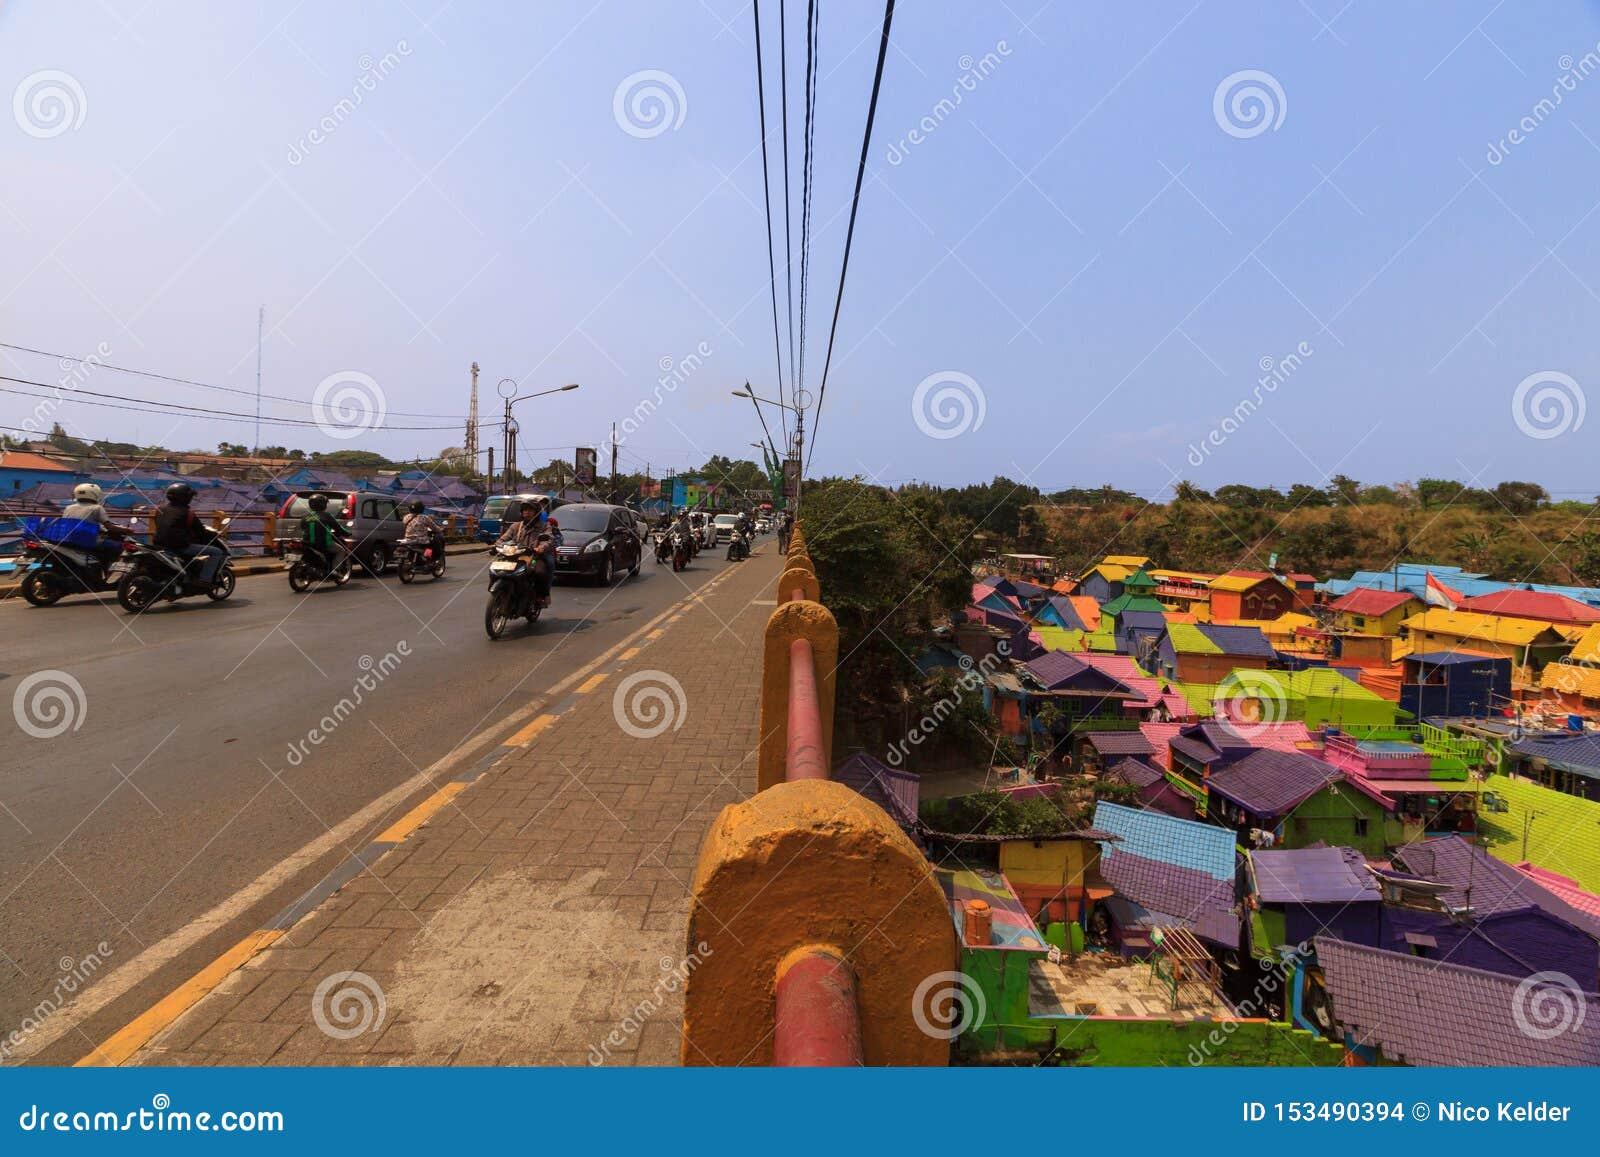 Kampung Warna Warni Jodipan färgglad by Malang